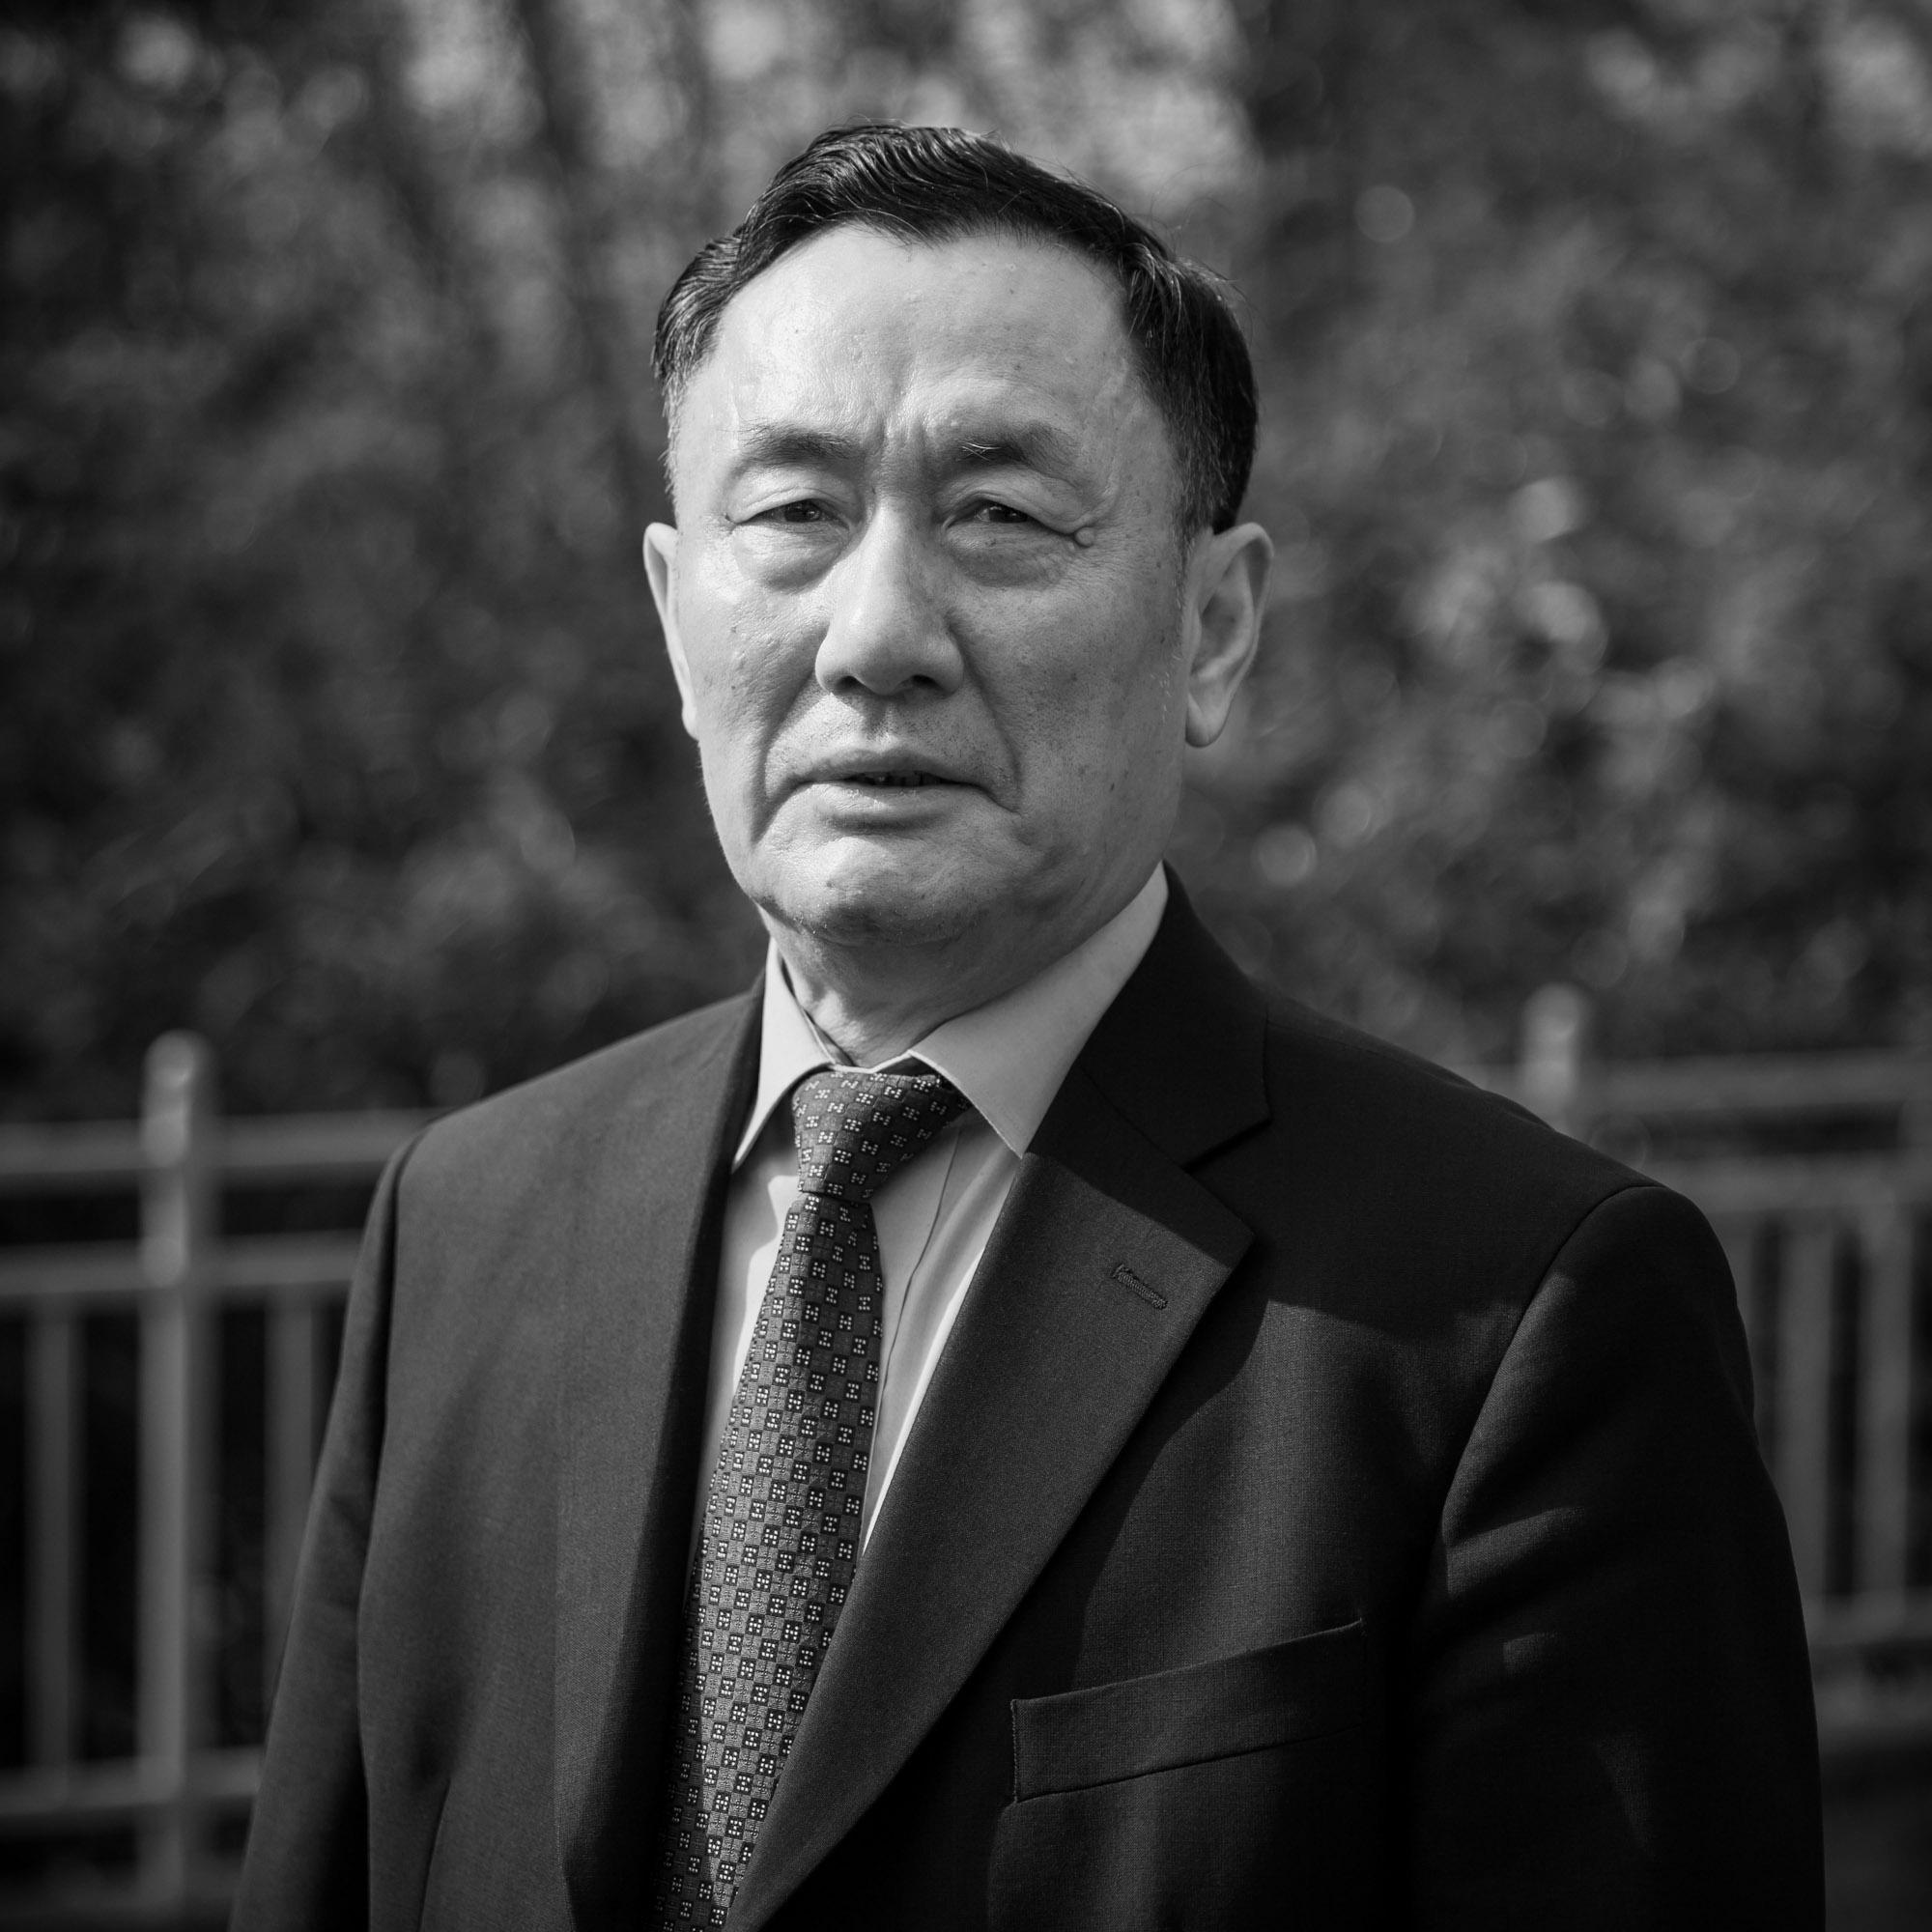 Geng Wenbing, ambassadeur de Chine en Suisse. Ici dans la résidence de l'ambassadeur.